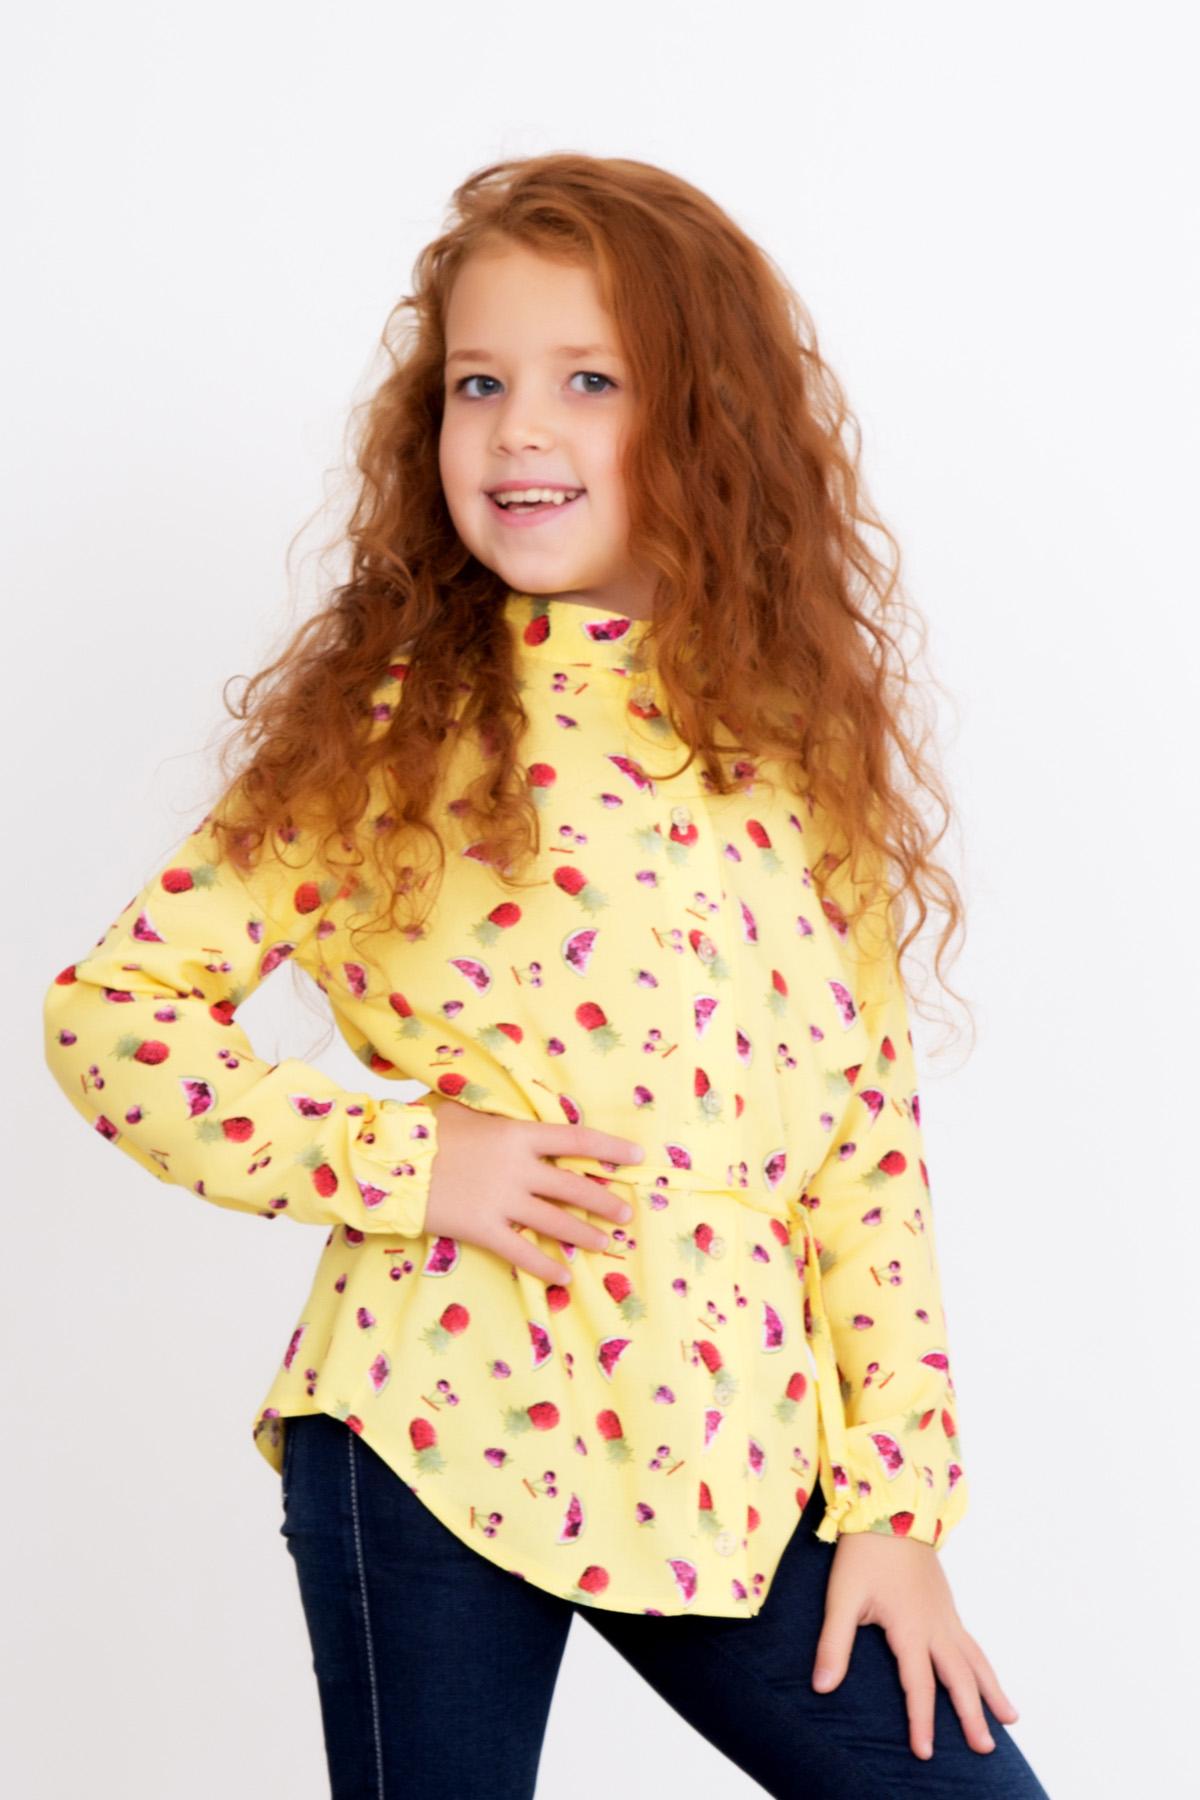 Дет. рубашка Леся р. 38Распродажа товаров<br><br><br>Тип: Дет. рубашка<br>Размер: 38<br>Материал: Штапель